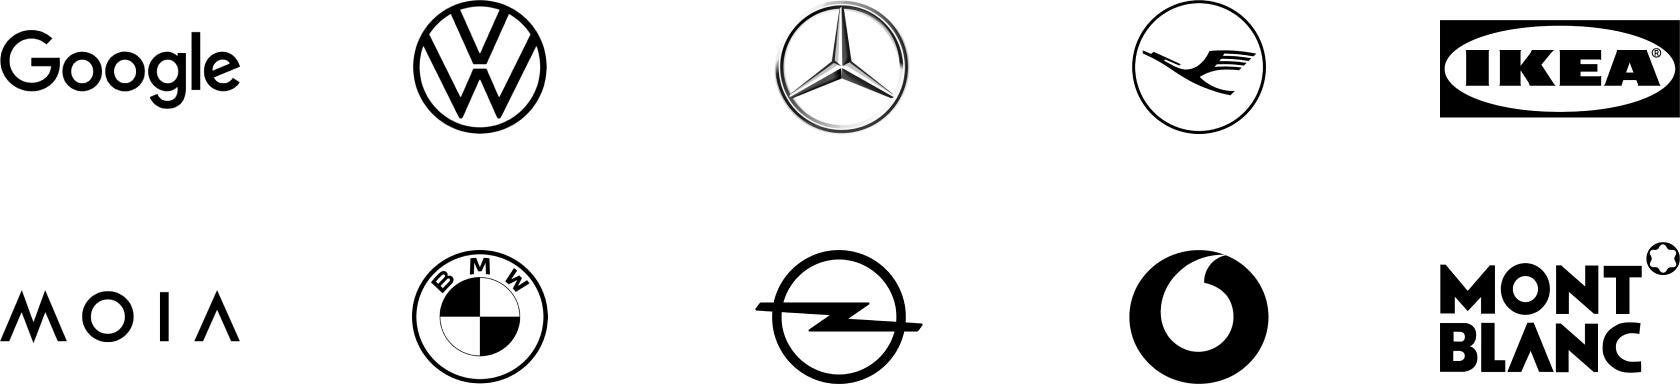 nikopelz_brands